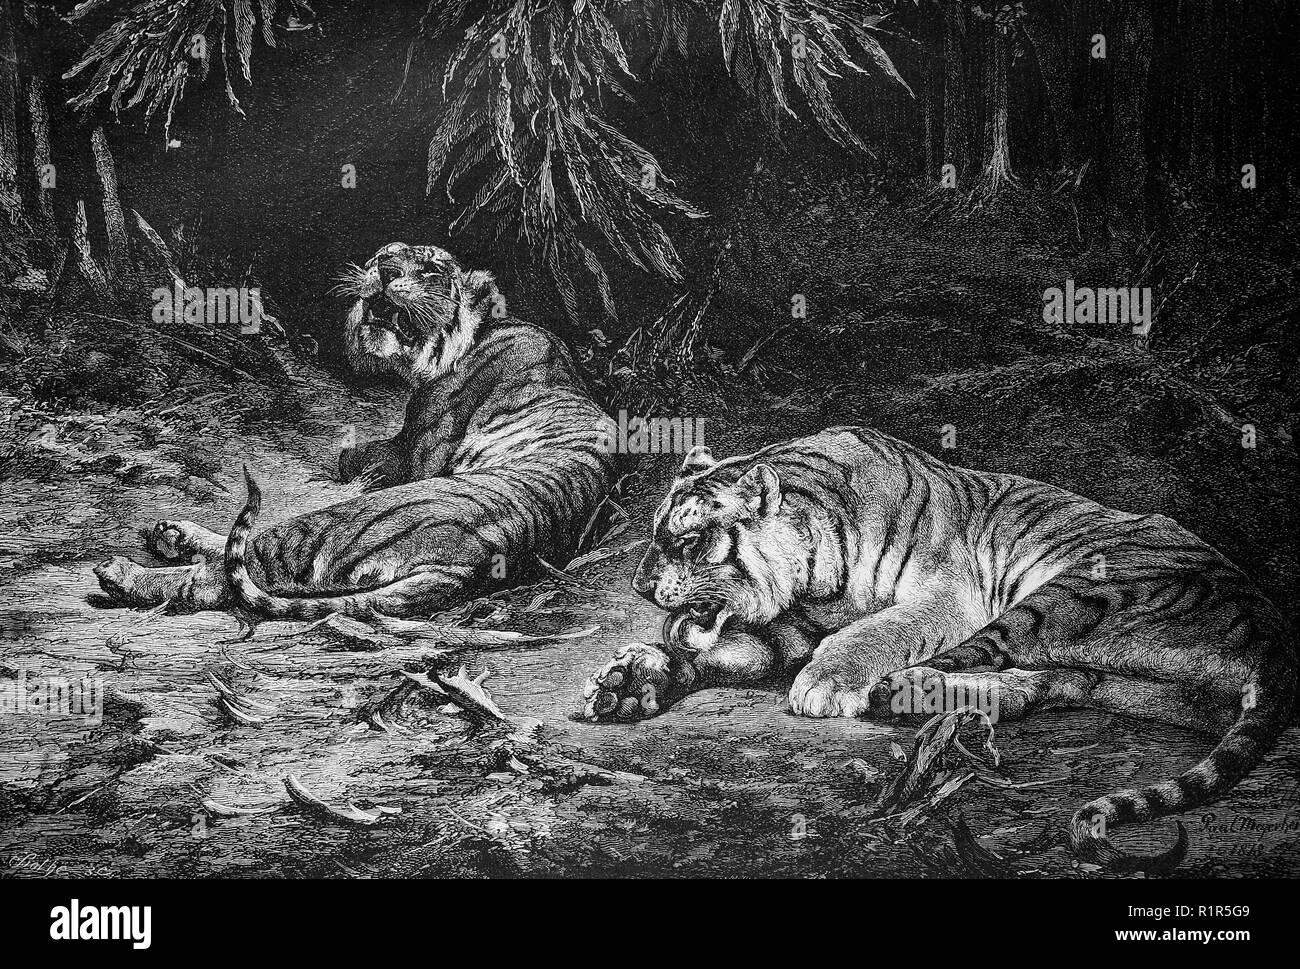 Indian Tiger Worksheet